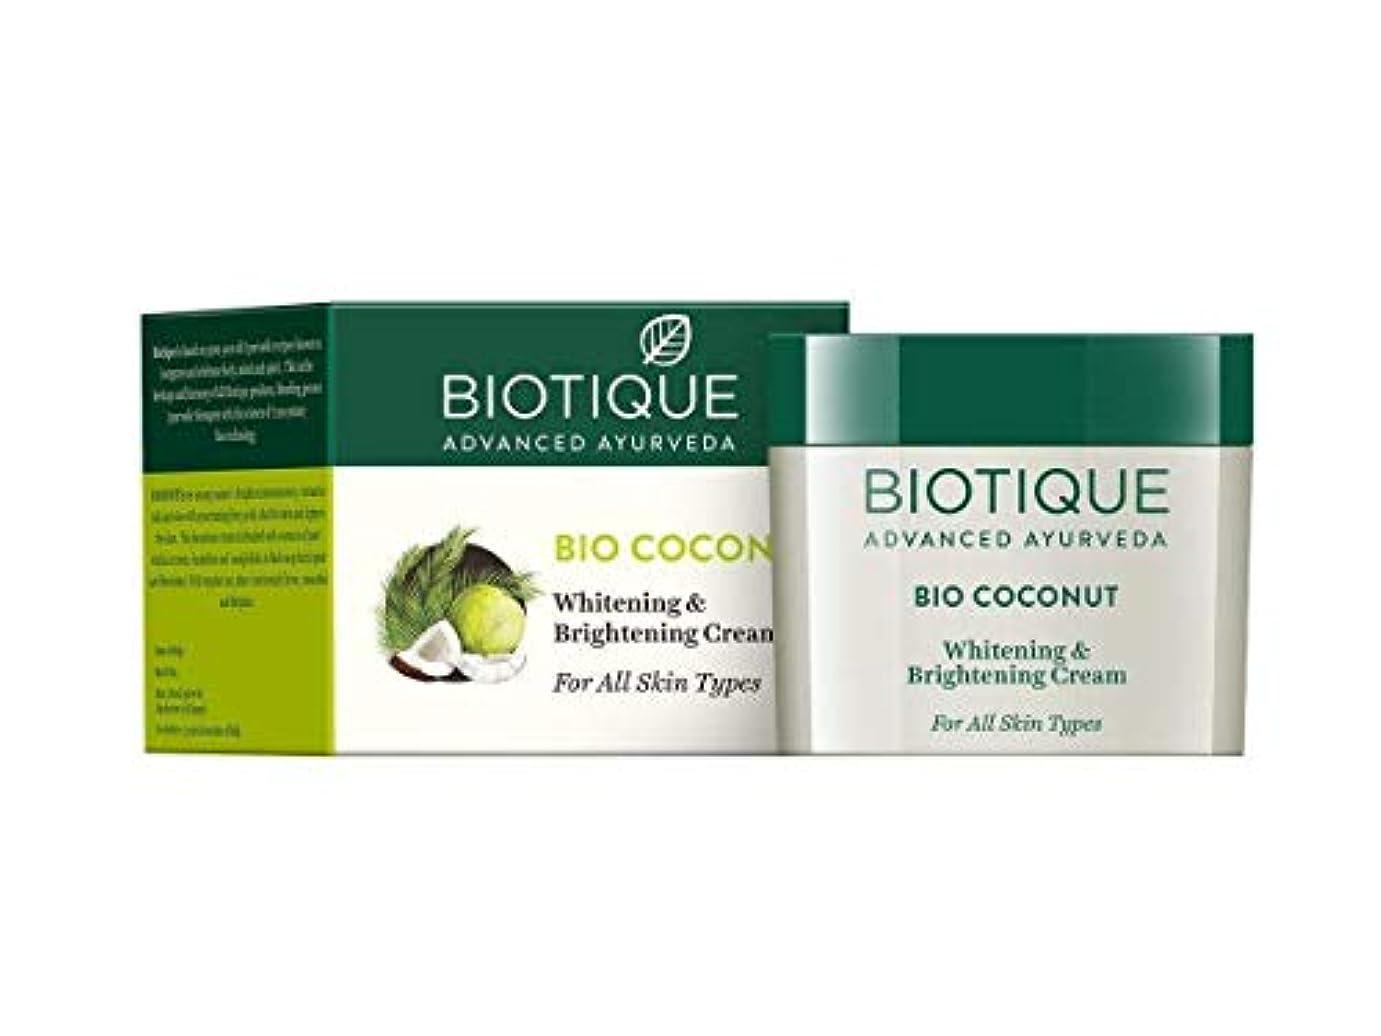 協力的安全でない申請中Biotique Coconut Whitening & Brightening Cream 50g fade dark spots & Blemishes ビオティックココナッツホワイトニング&ブライトニングクリームフェードダークスポット&シミ